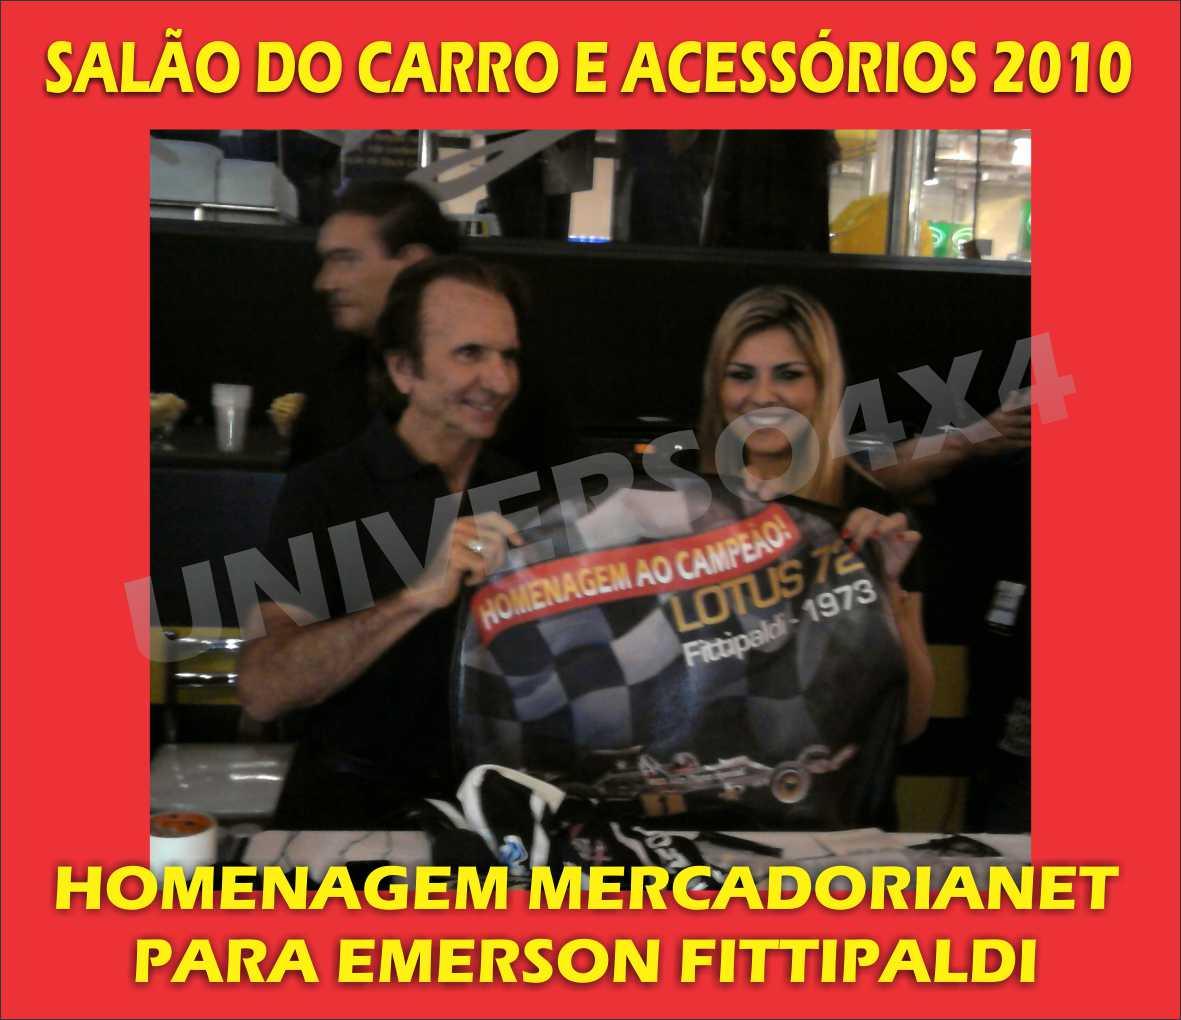 Capa Estepe Time Futebol São Paulo M-16